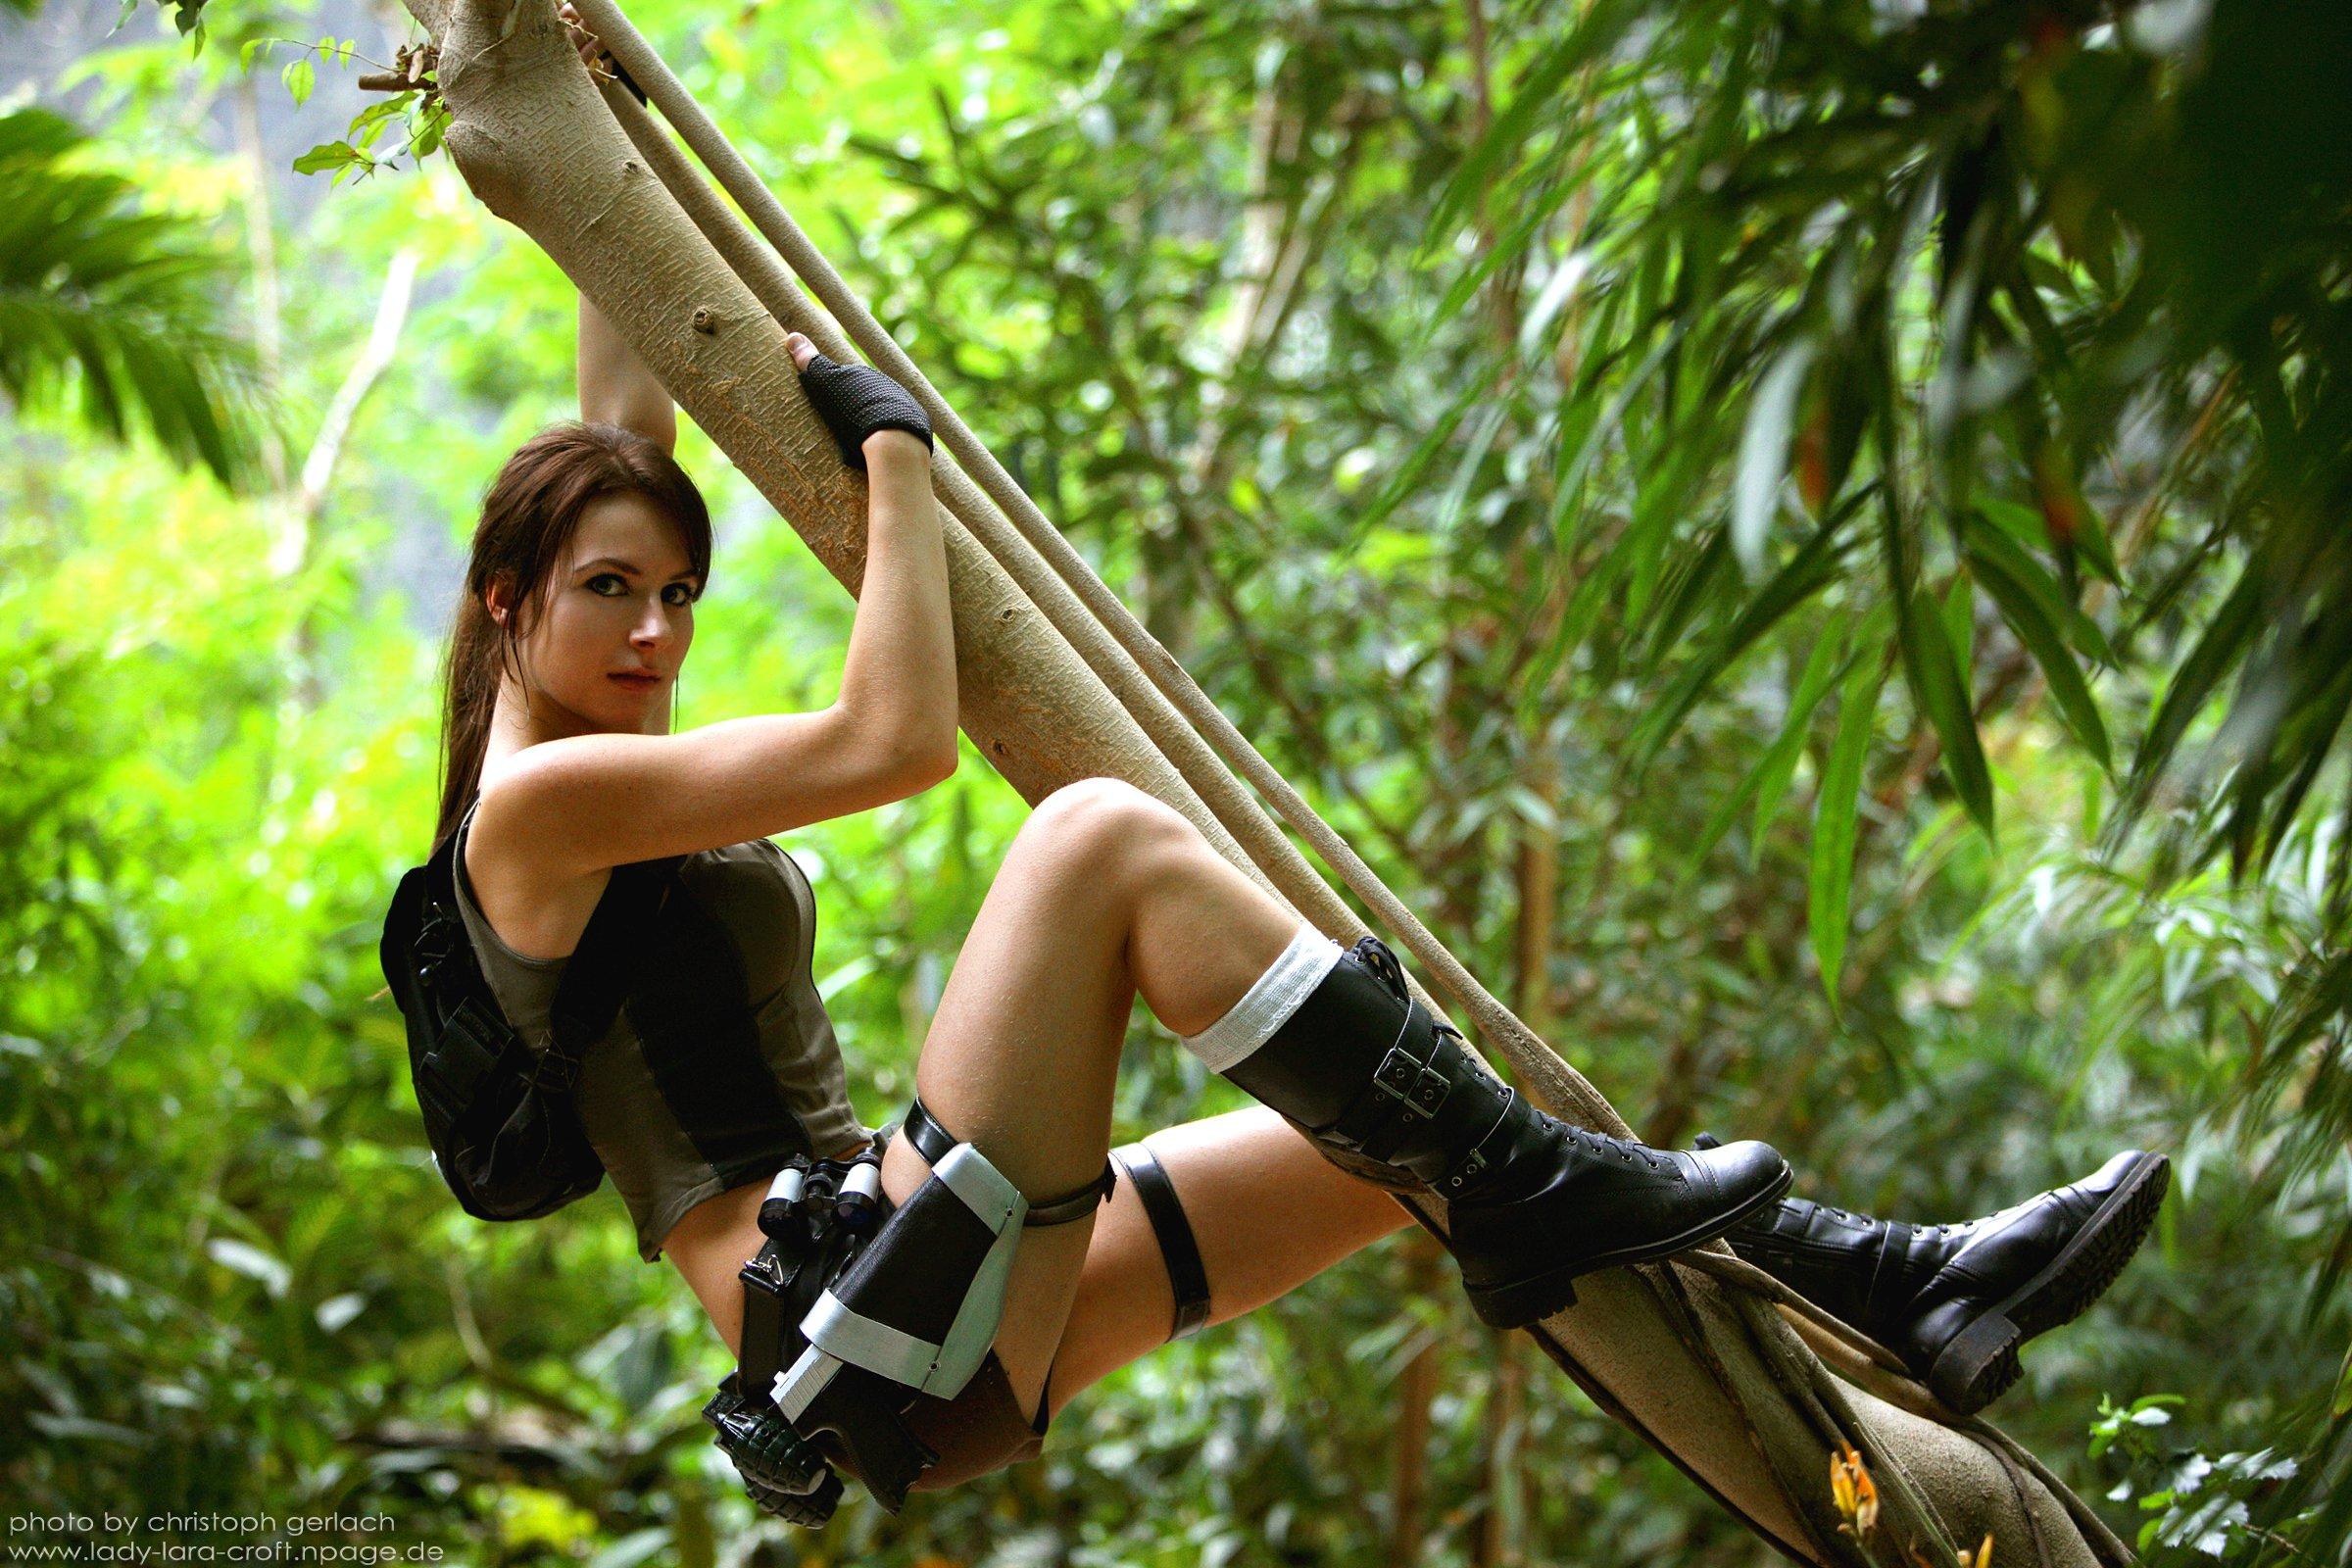 lara croft action adventure tomb raider platform fantasy girl girls warrior cosplay weapon gun